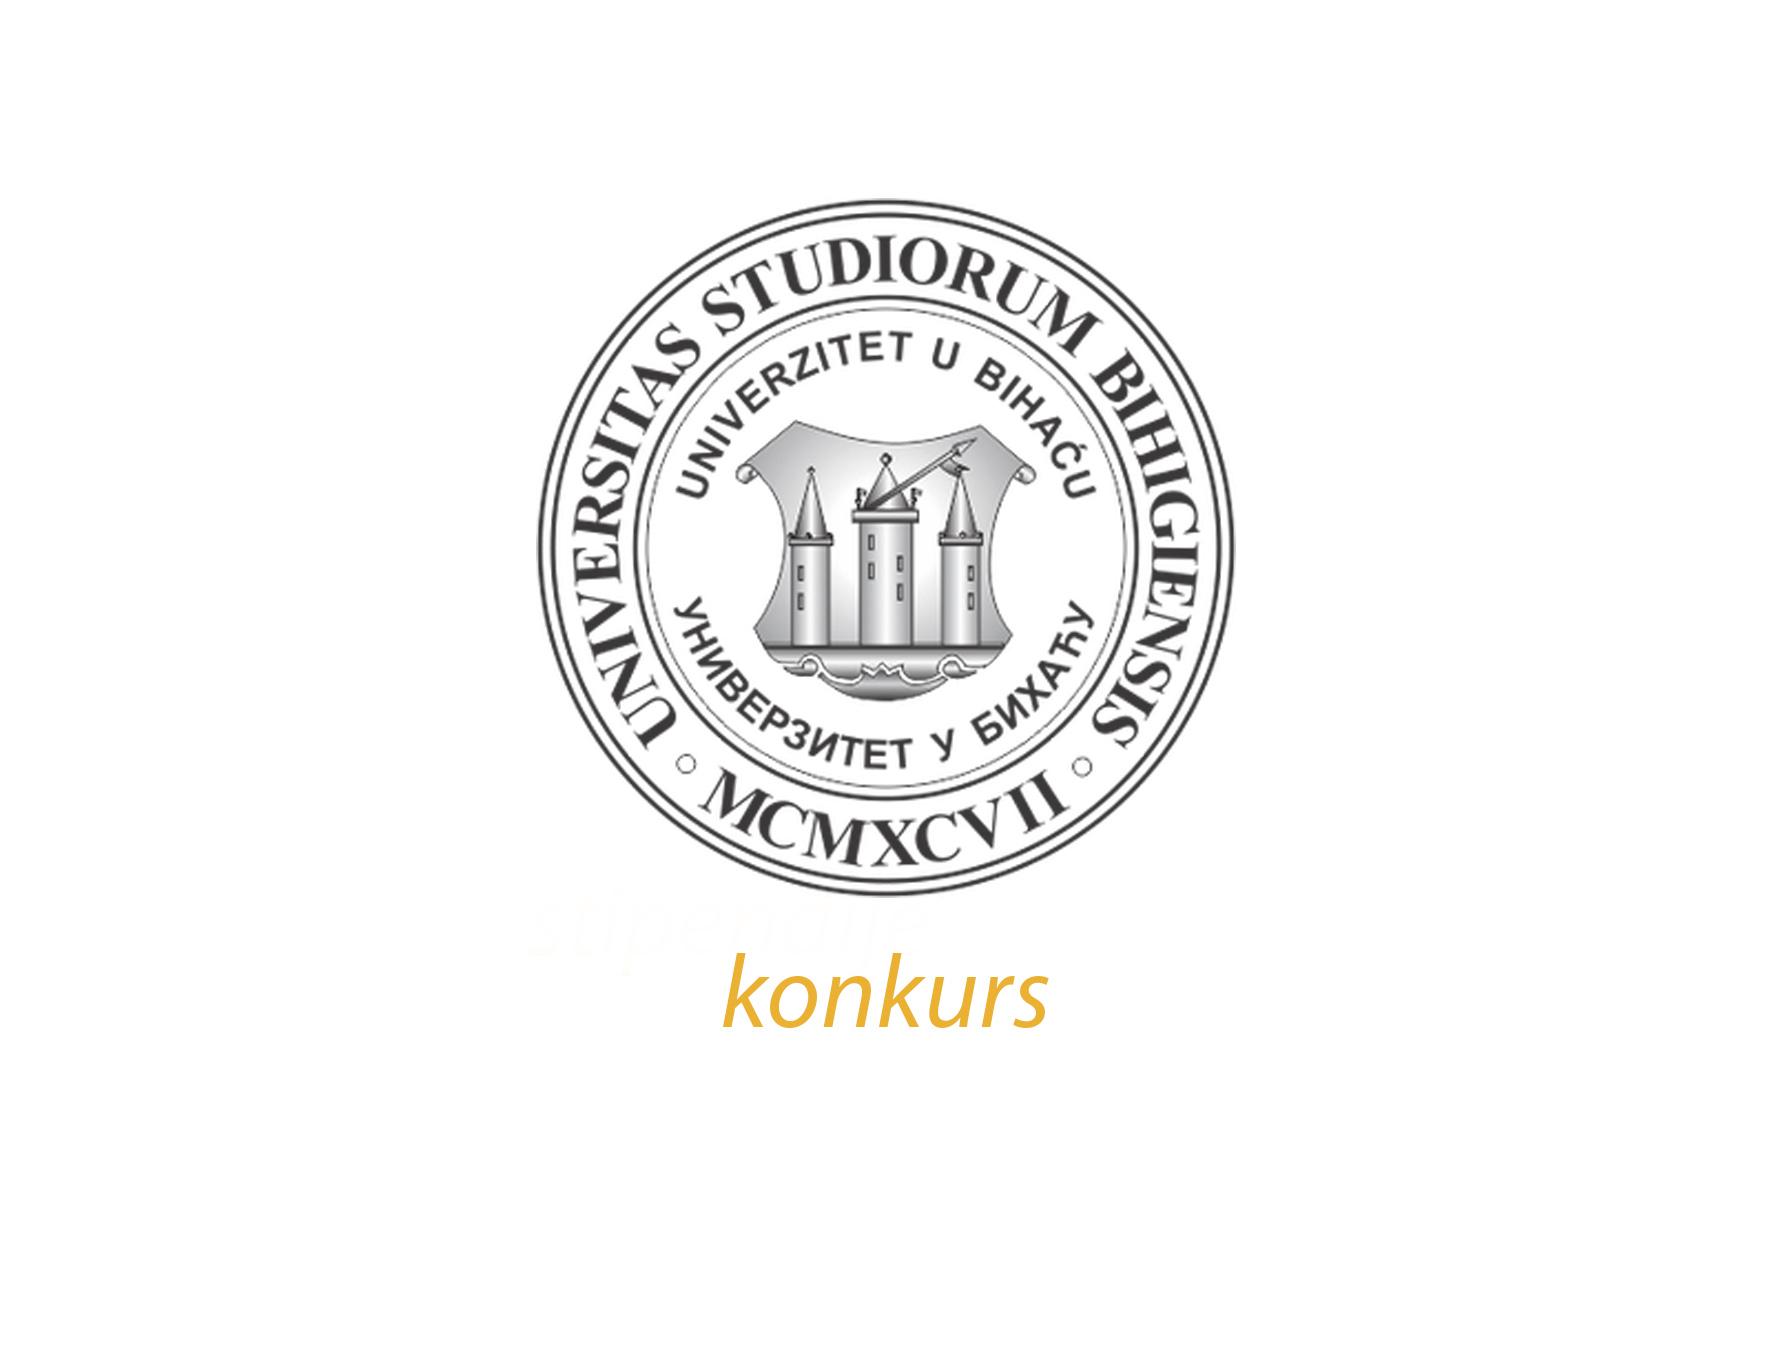 Konkurs za izbor i imenovanje članova Upravnog odbora Univerziteta u Bihaću